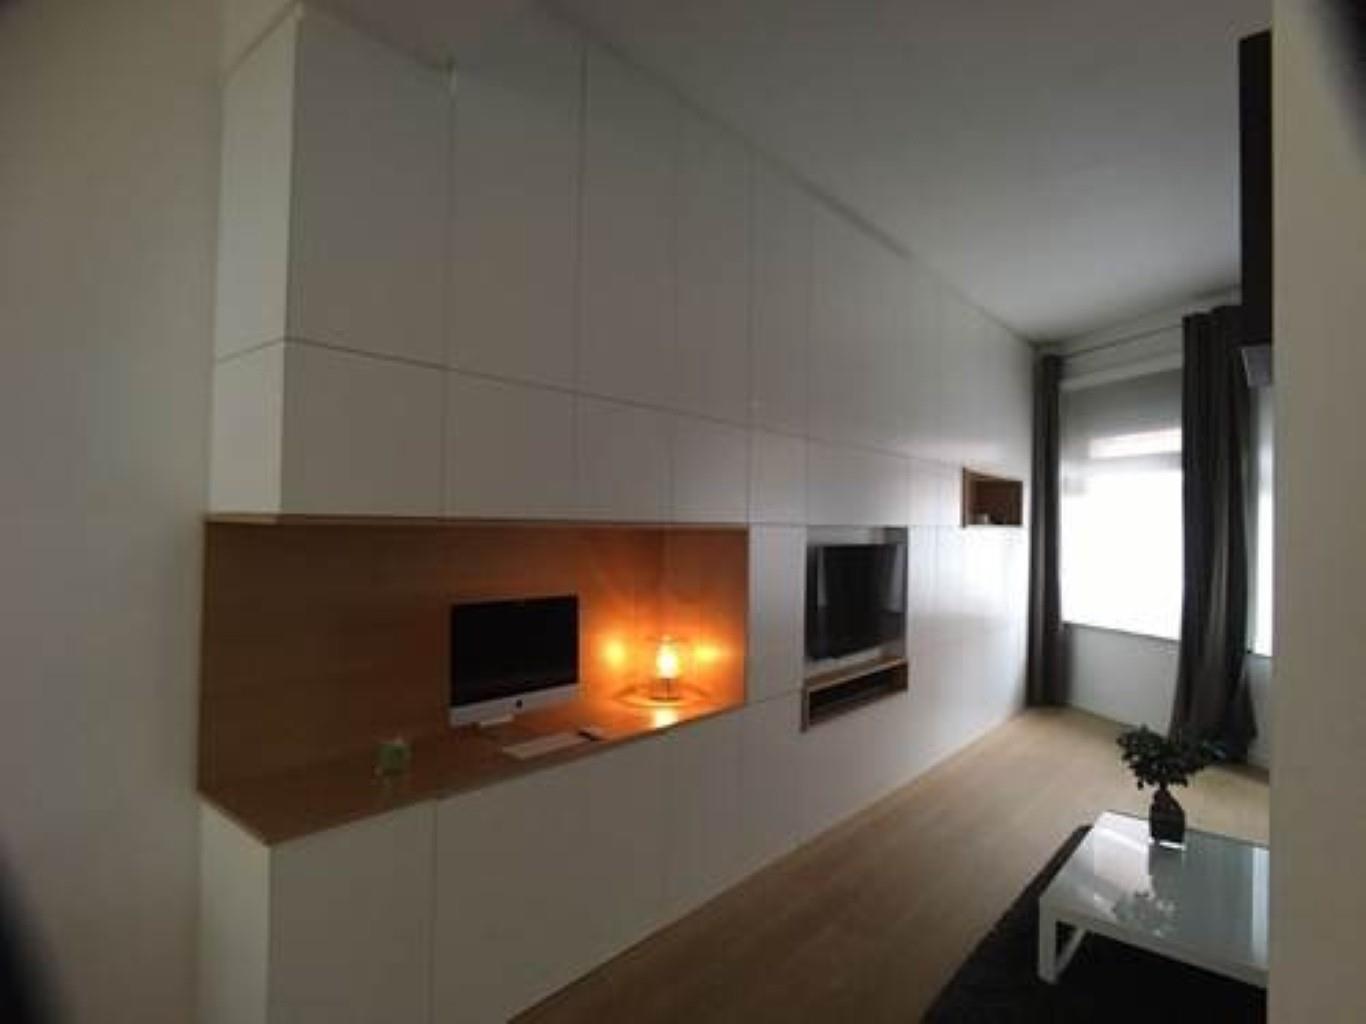 Maison de maître - Schaarbeek - #3552012-2